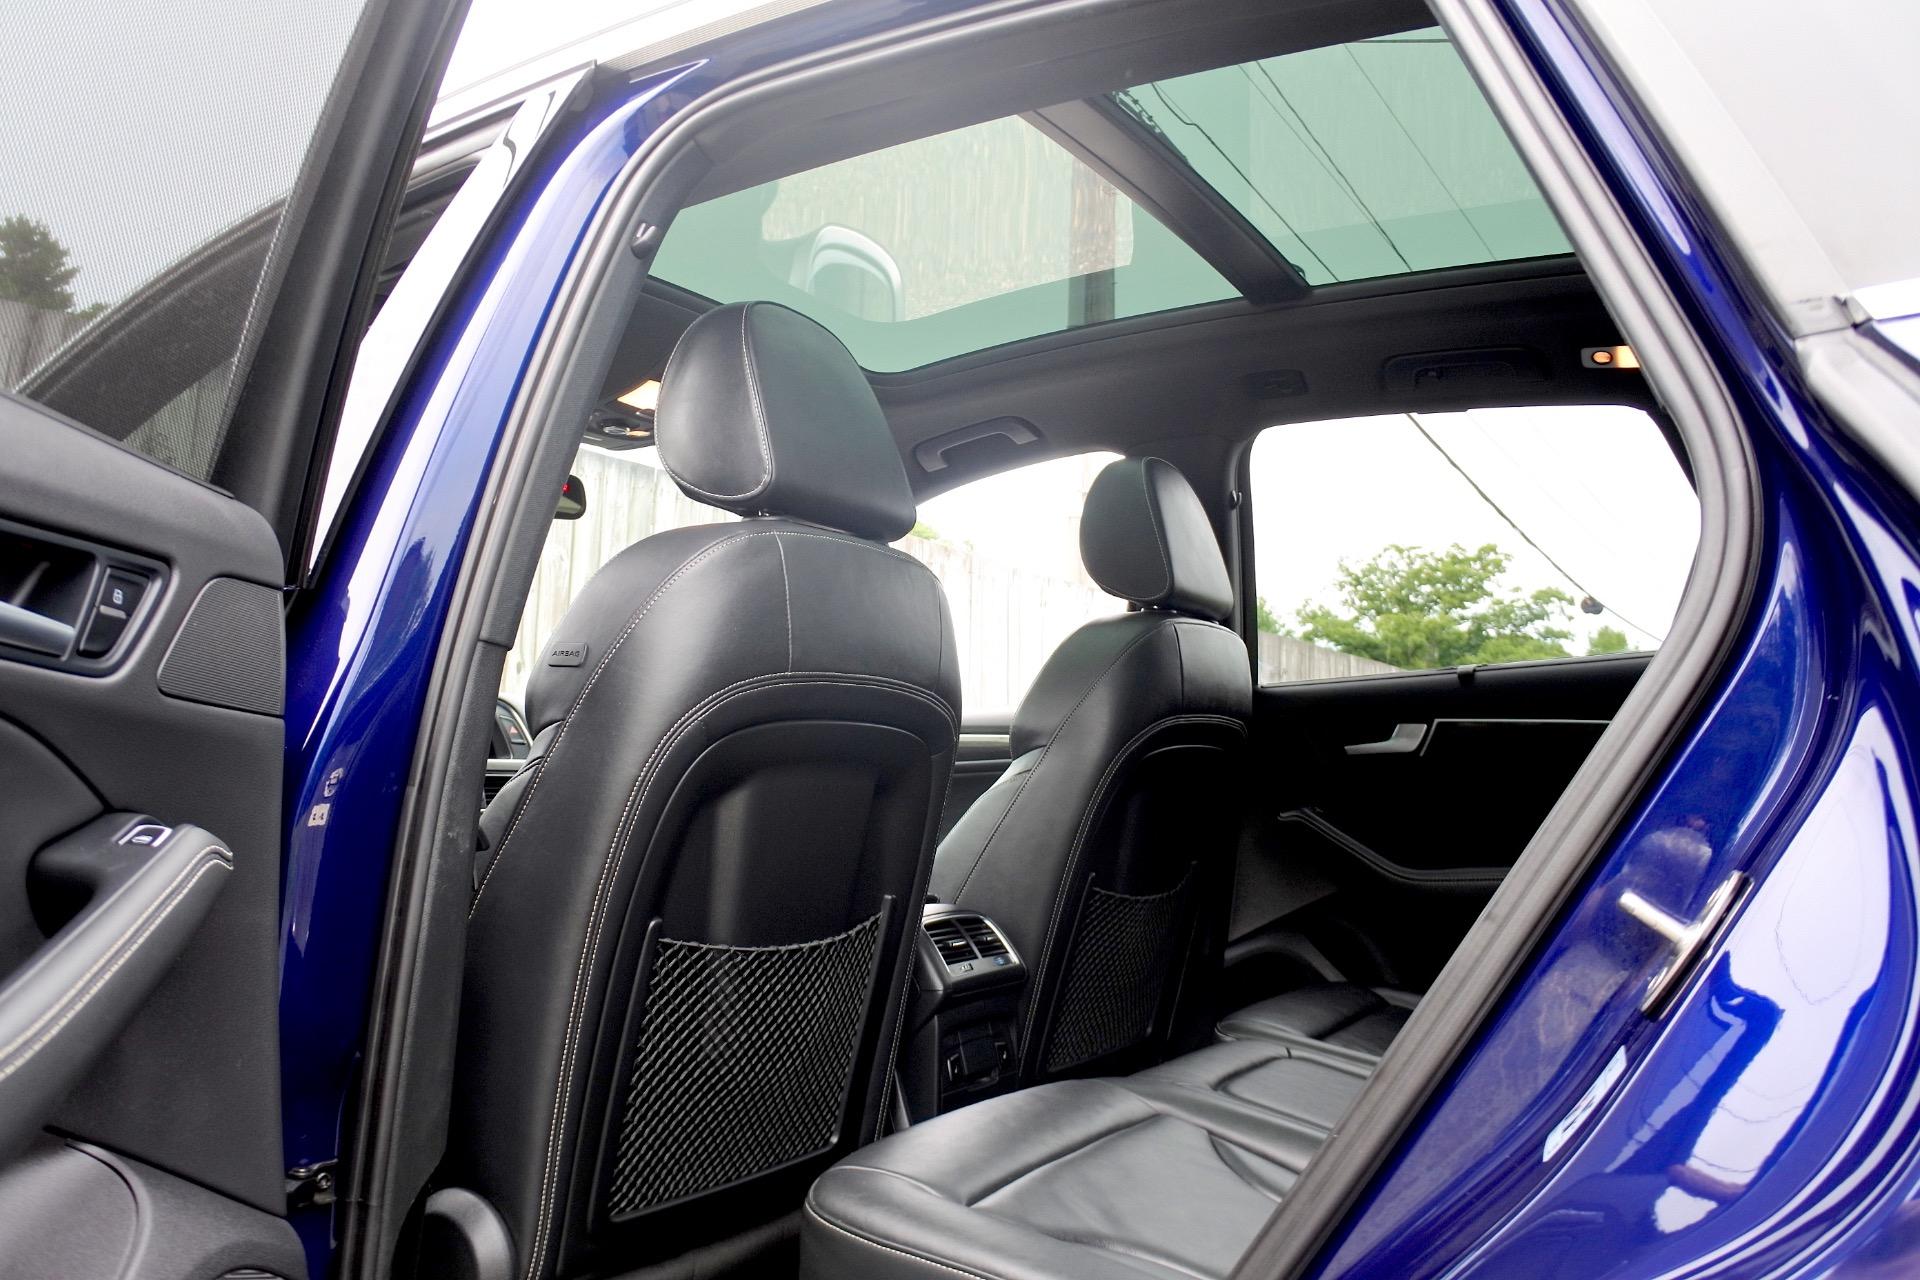 Used 2014 Audi Sq5 3.0 Quattro Used 2014 Audi Sq5 3.0 Quattro for sale  at Metro West Motorcars LLC in Shrewsbury MA 16